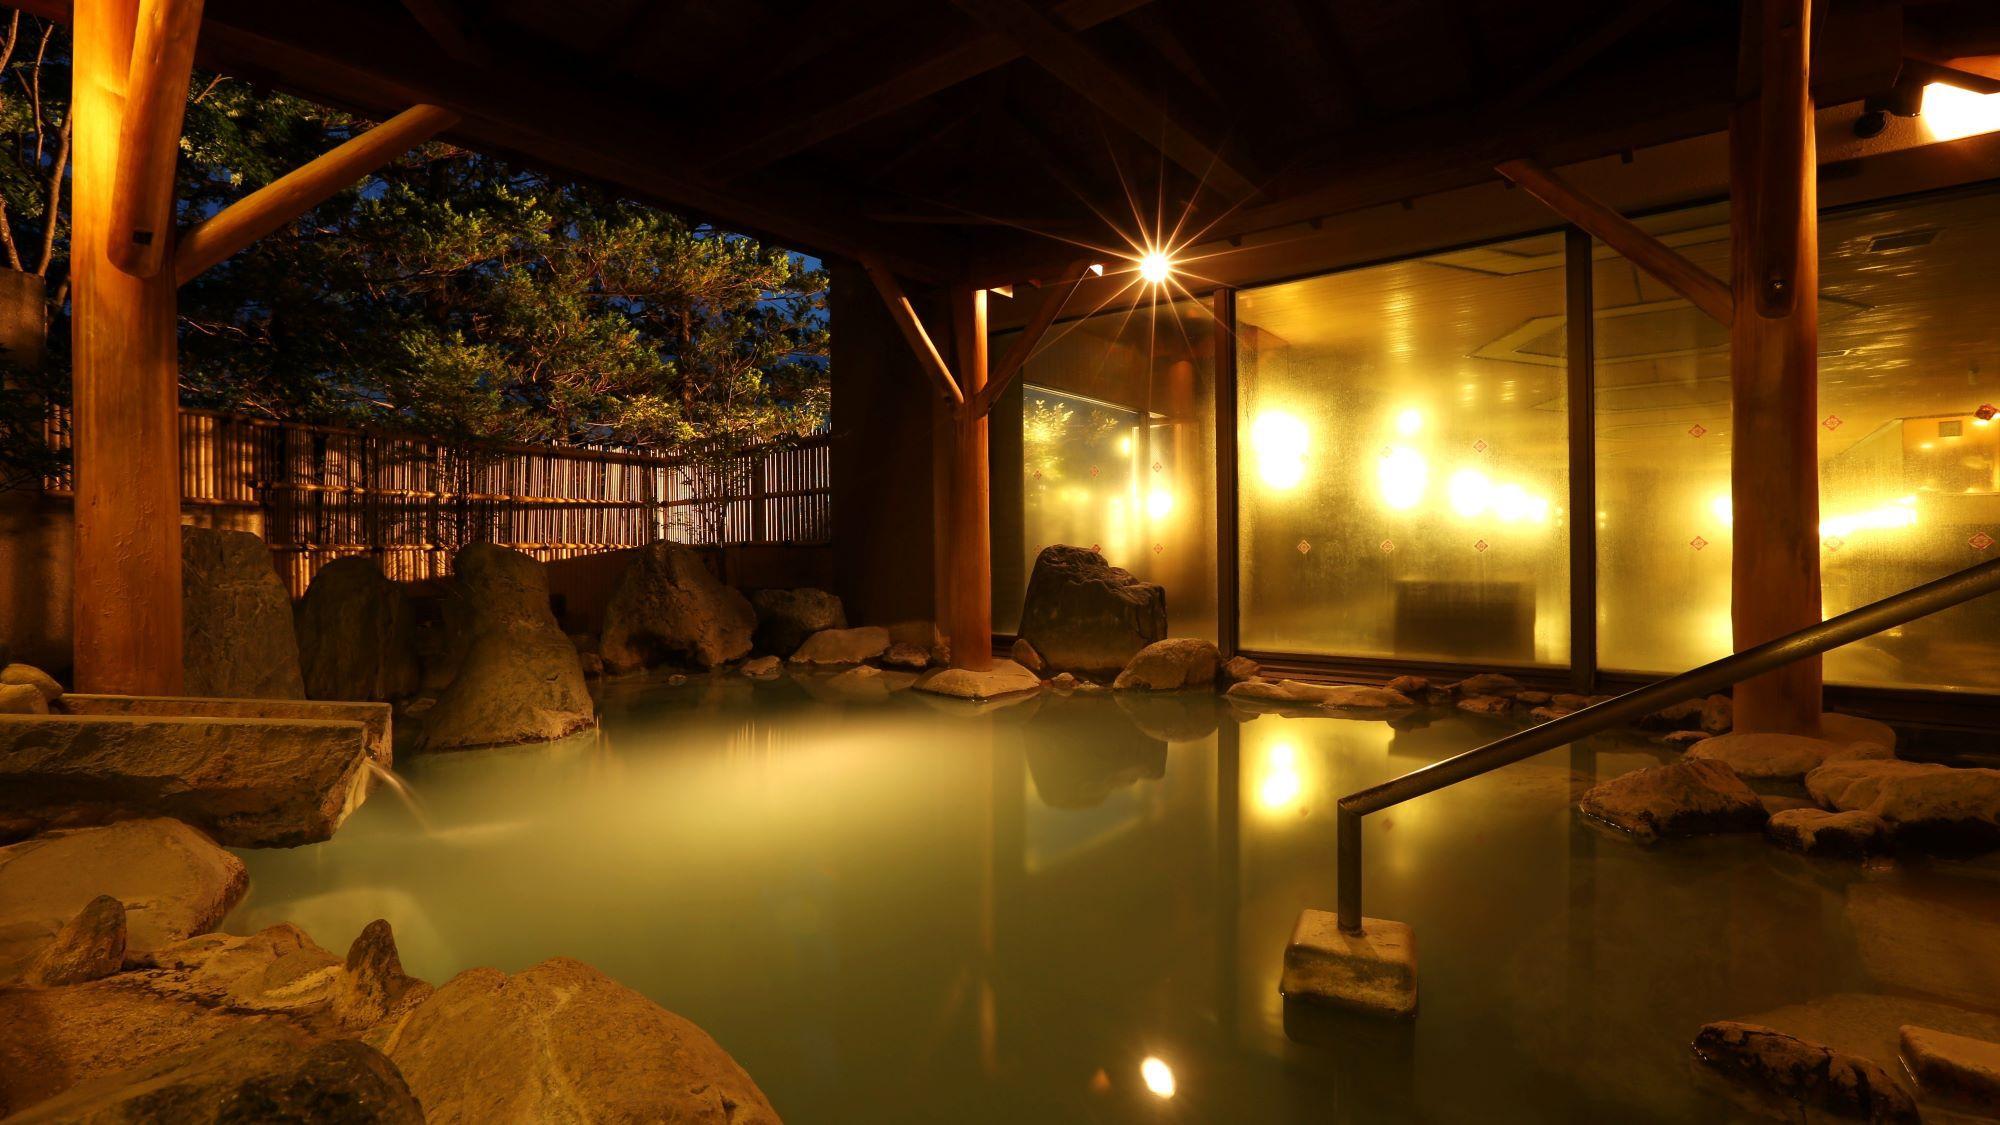 「草津温泉 ホテル櫻井」の画像検索結果